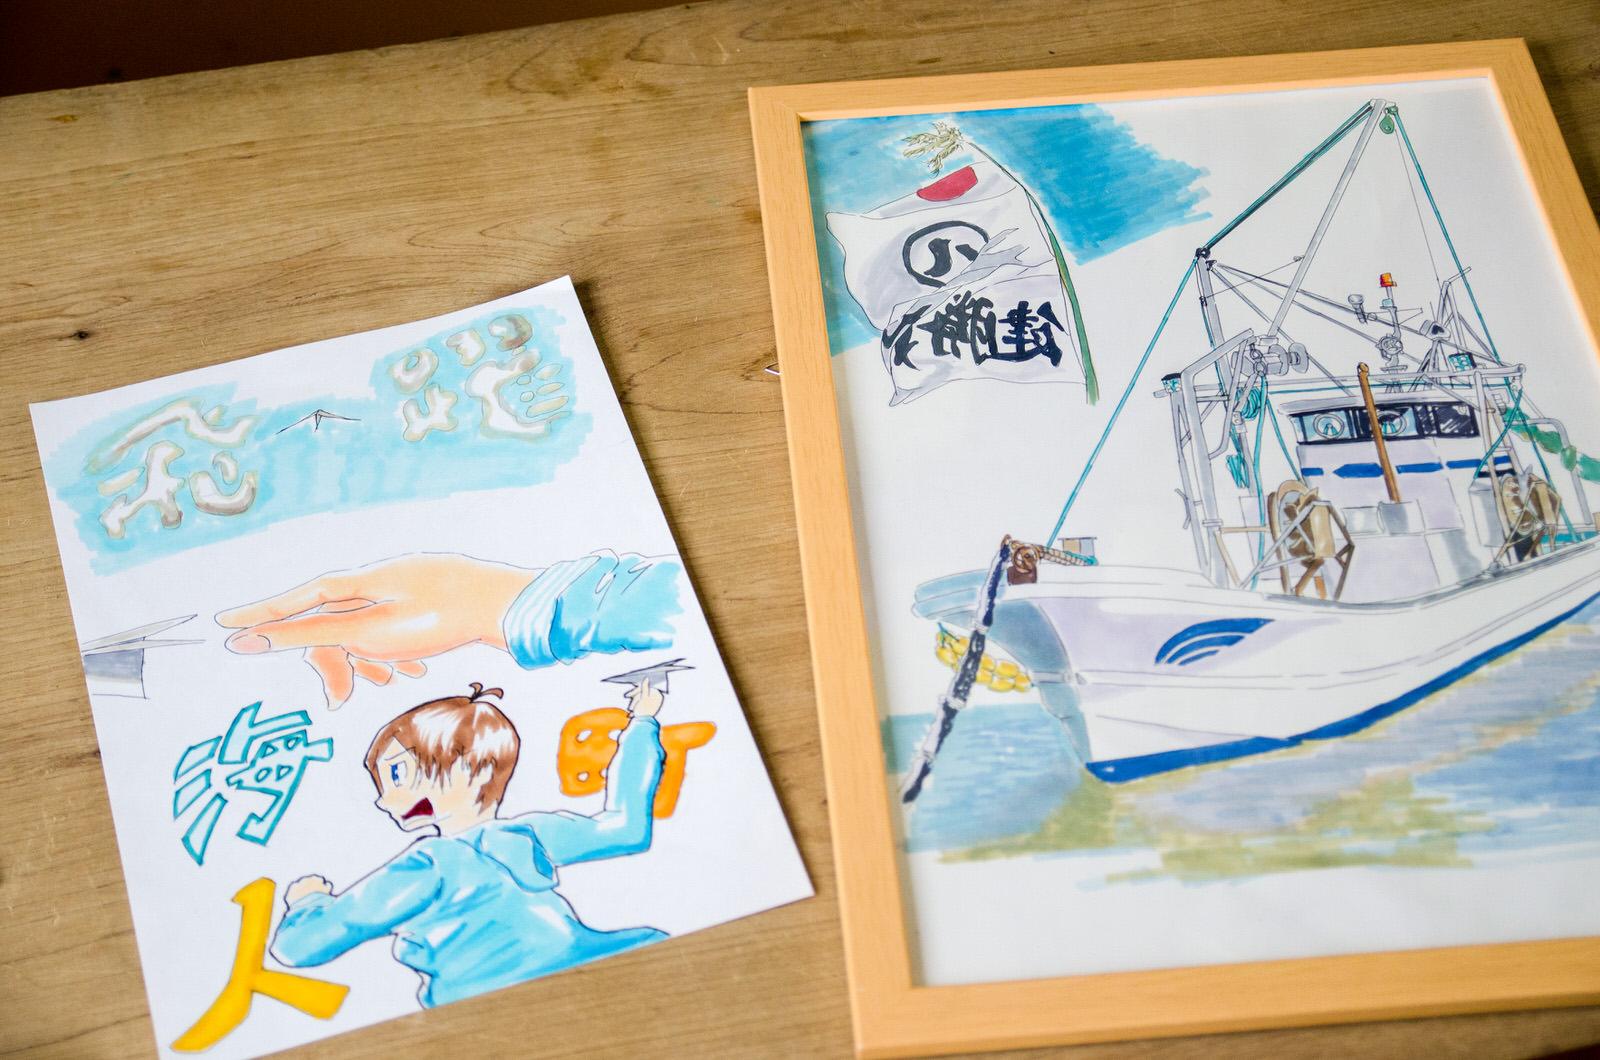 病を乗り越え、漁師×絵描きの二⼑流!/浅野健仁くん